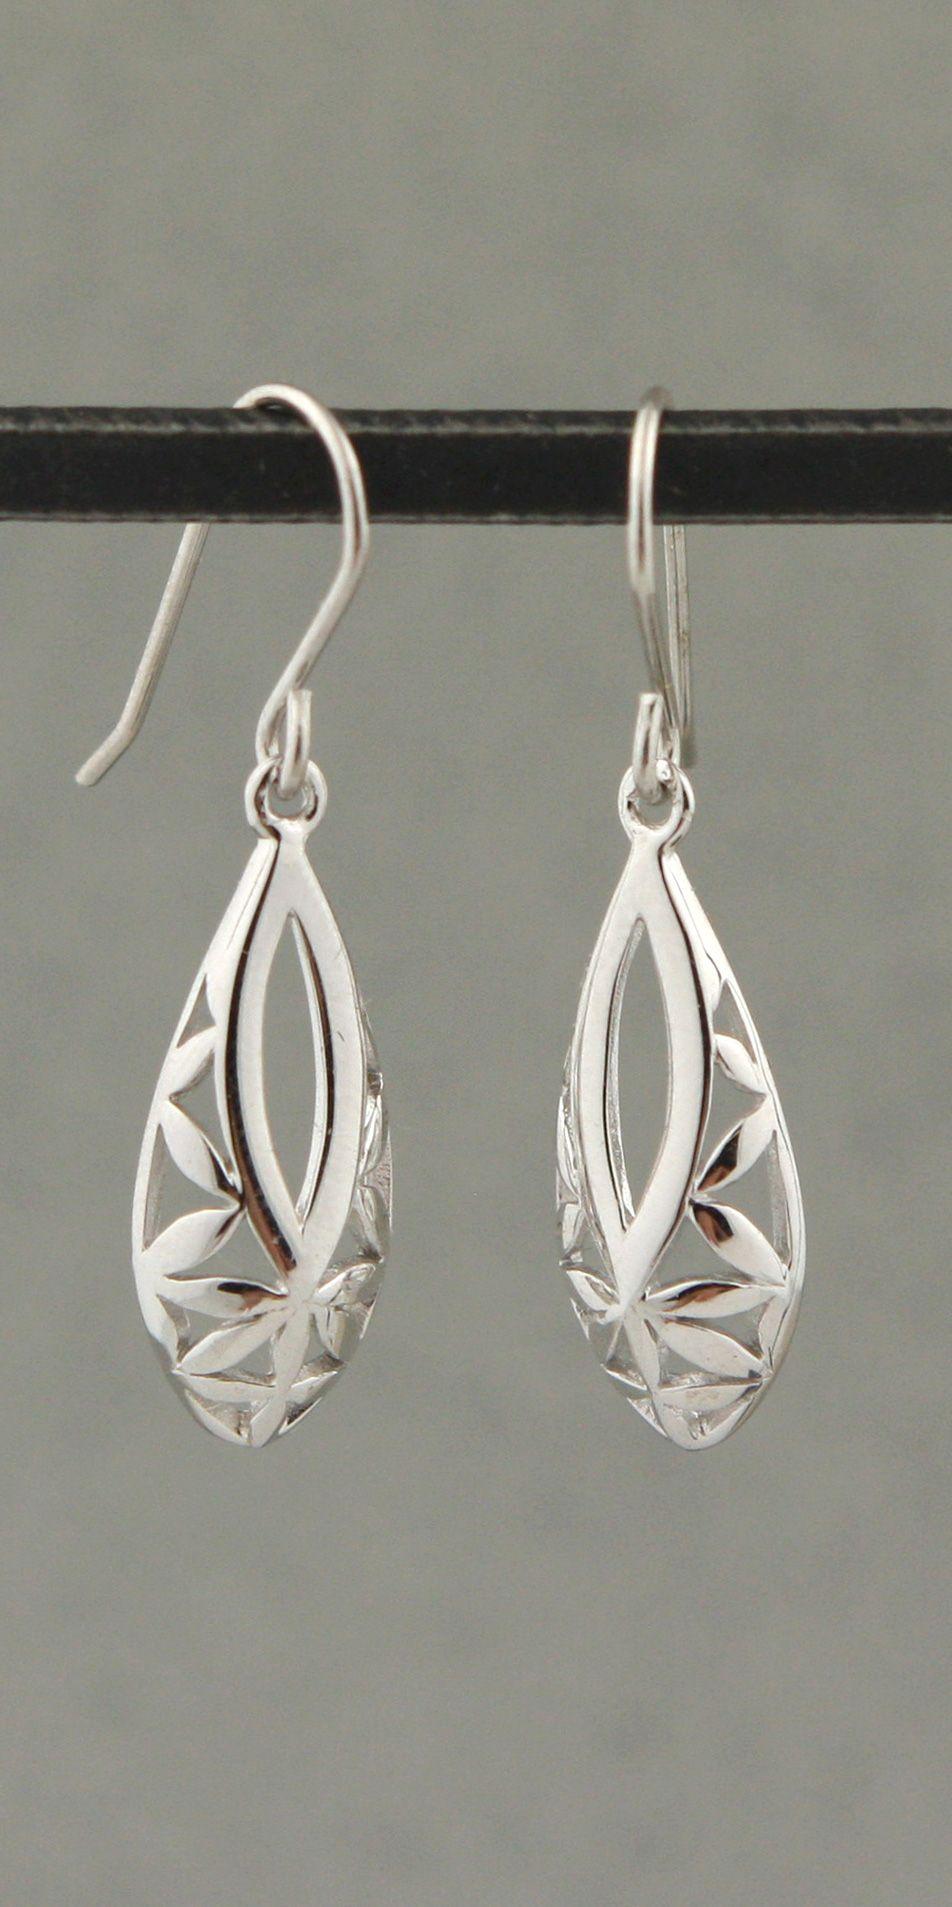 b4ebdcf8a Flower of Life Teardrop Earrings, Sterling Silver | Meaningful ...